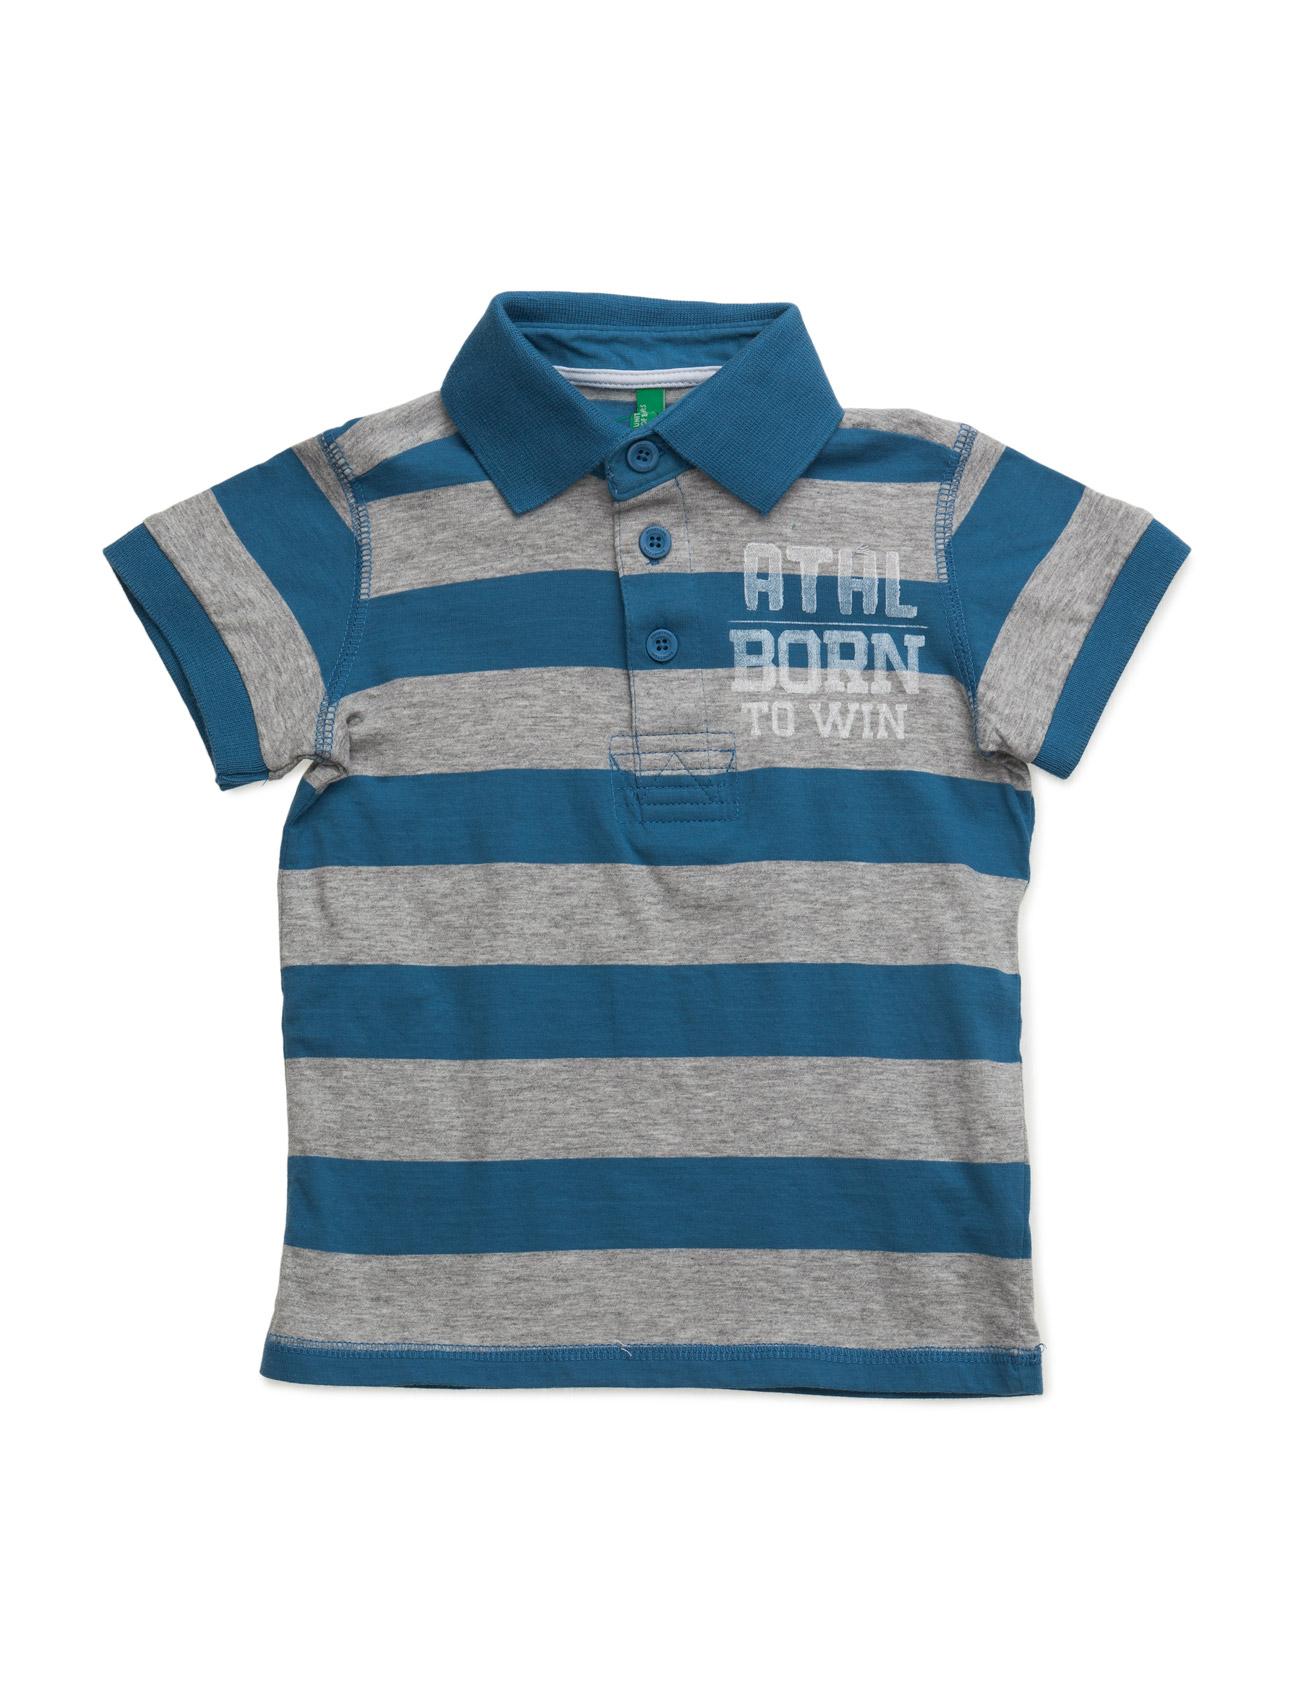 H/S Polo Shirt United Colors of Benetton Kortærmede t-shirts til Børn i